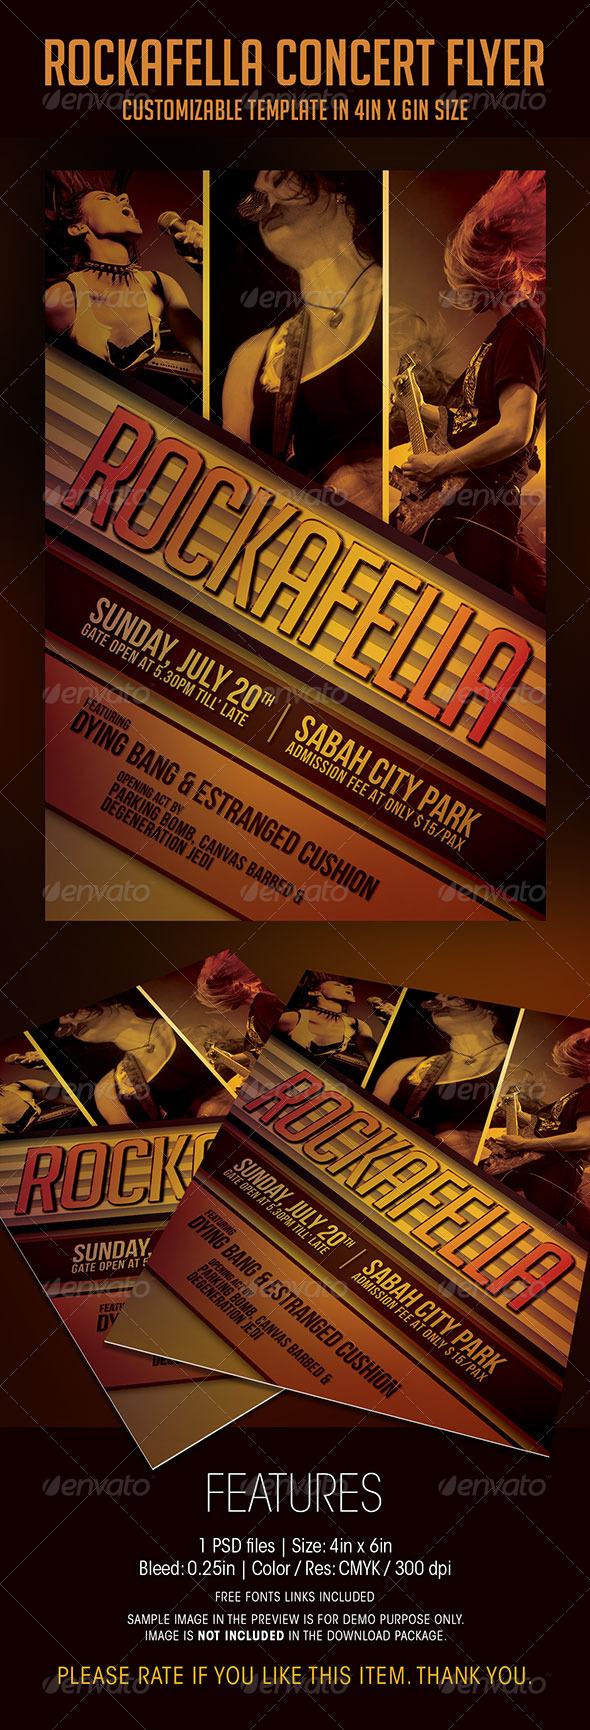 Rockafella Concert Flyer - Concerts Events